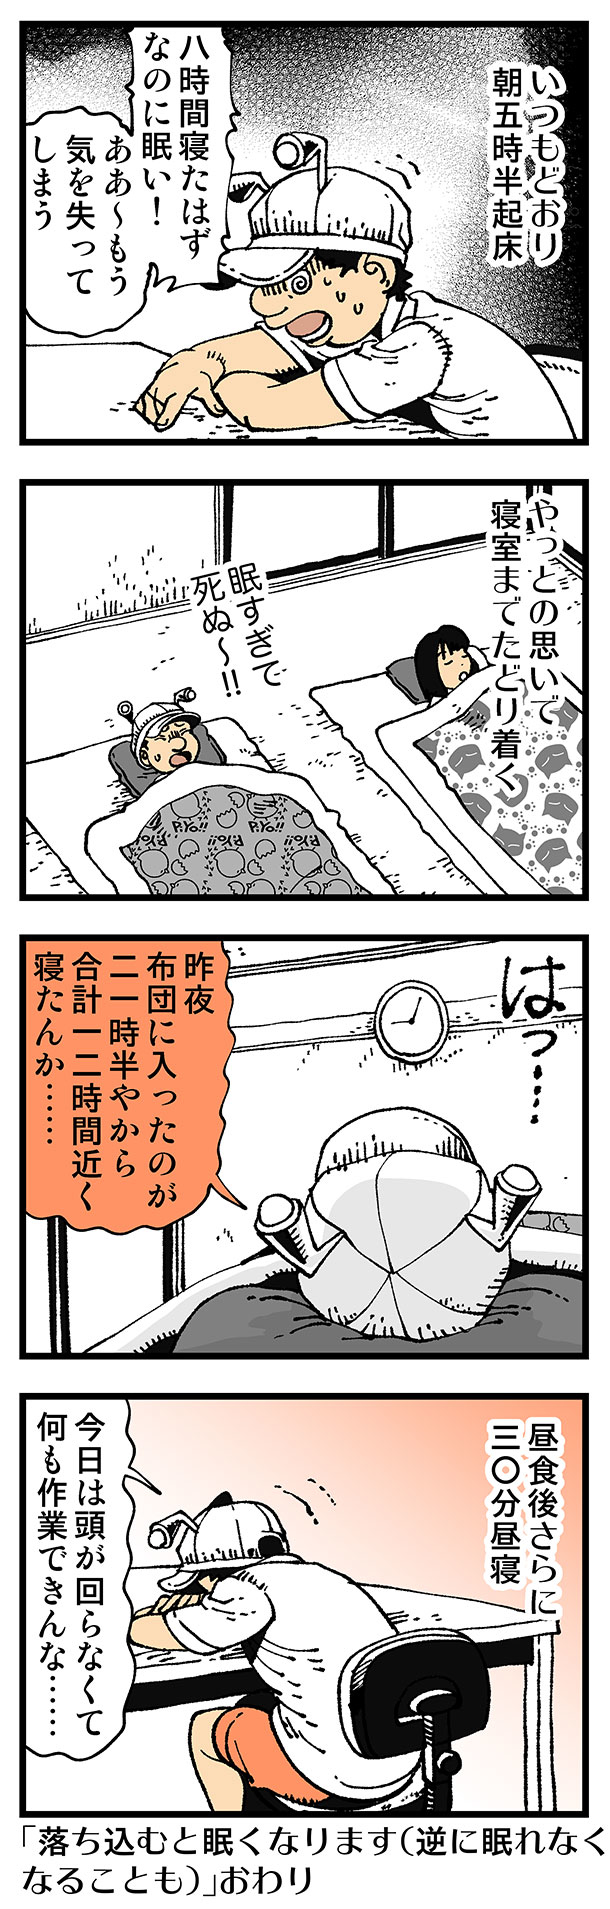 【普通】眠かったり眠れなかったり